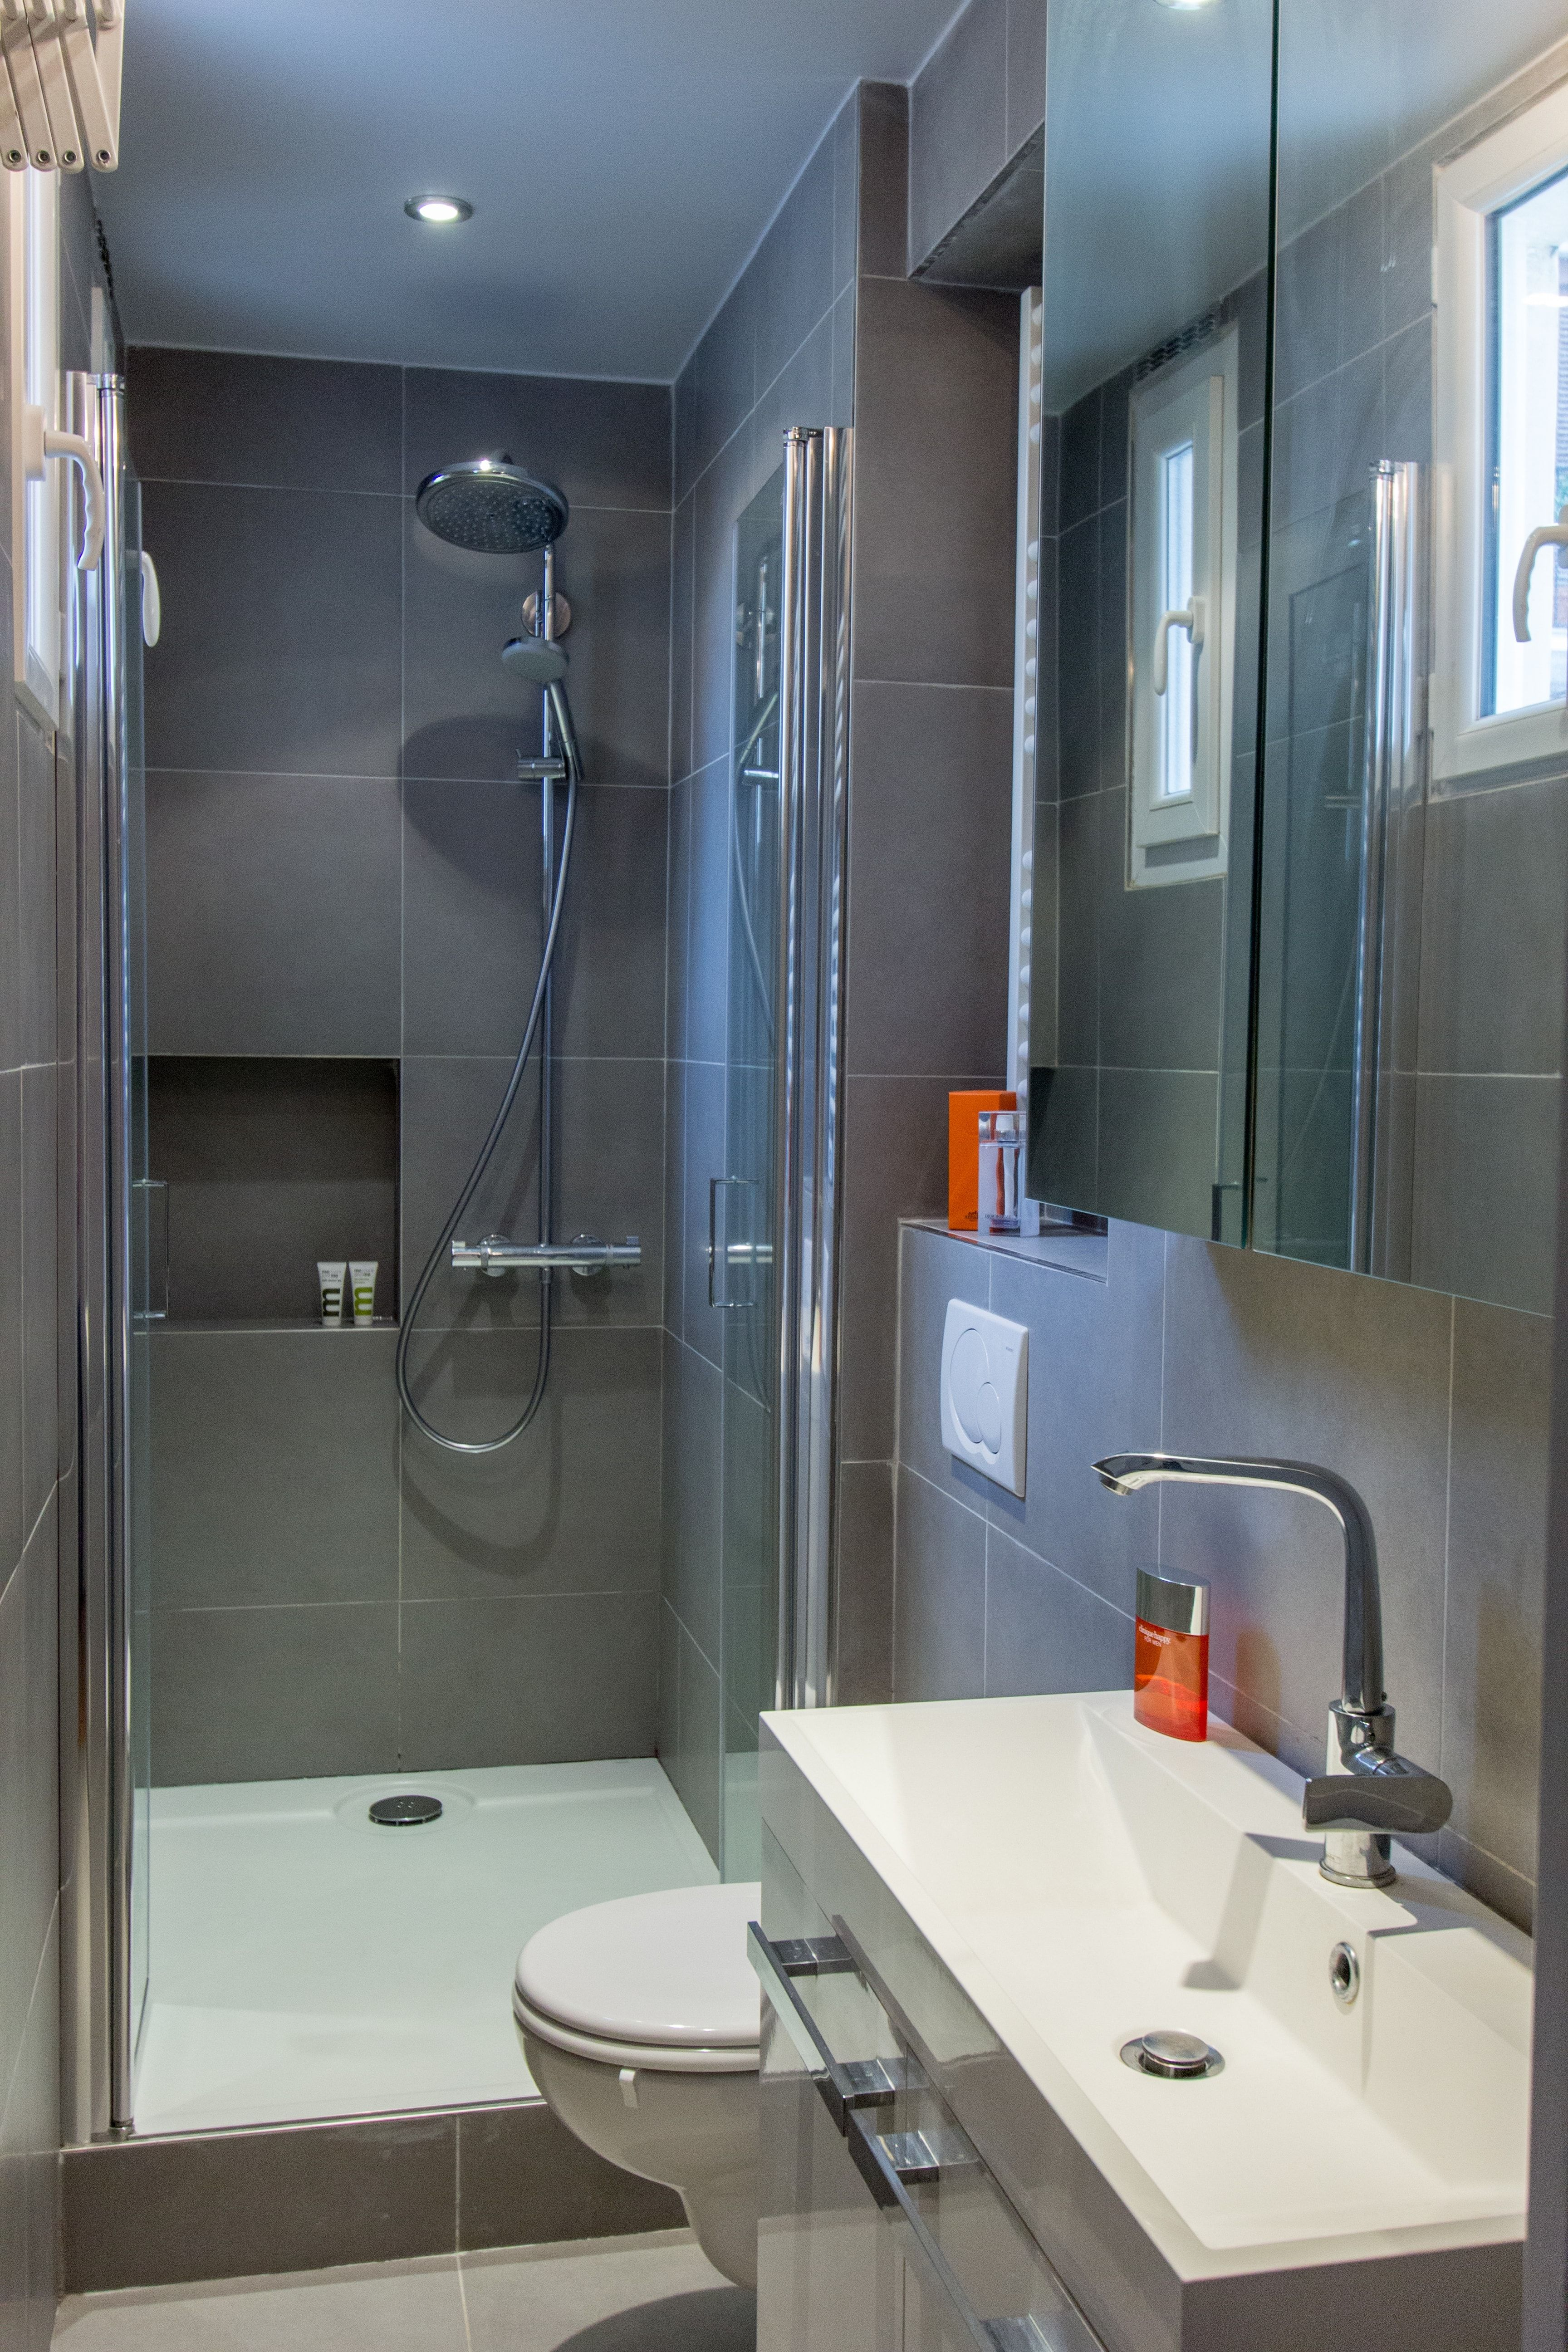 une petite salle d eau bien pensee salle de bains petite mais pleine d idees journal des femmes